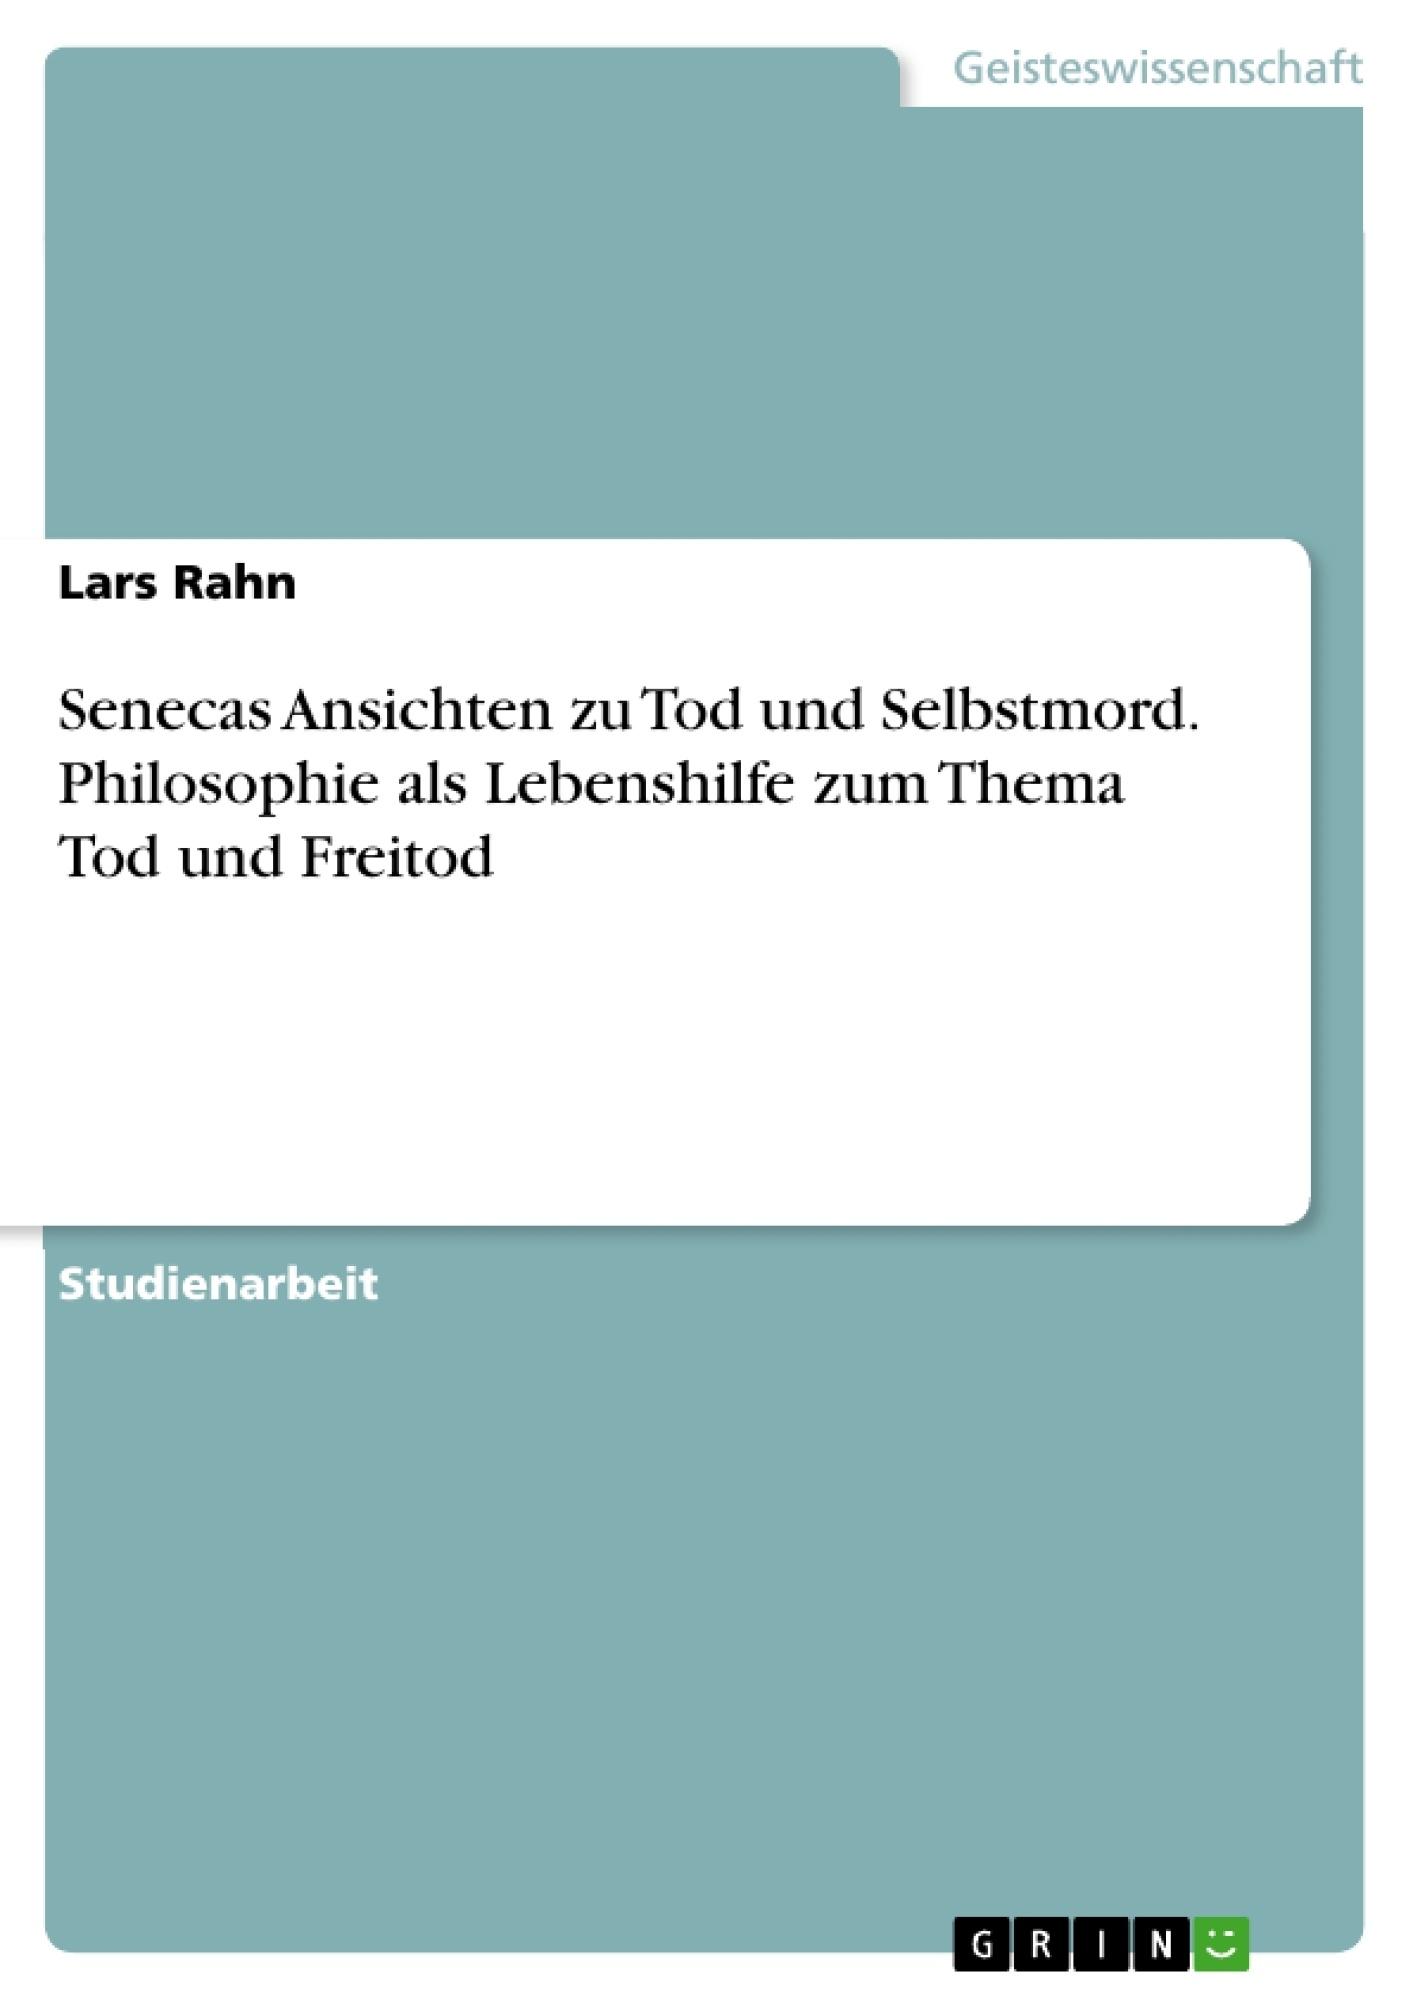 Titel: Senecas Ansichten zu Tod und Selbstmord. Philosophie als Lebenshilfe zum Thema Tod und Freitod